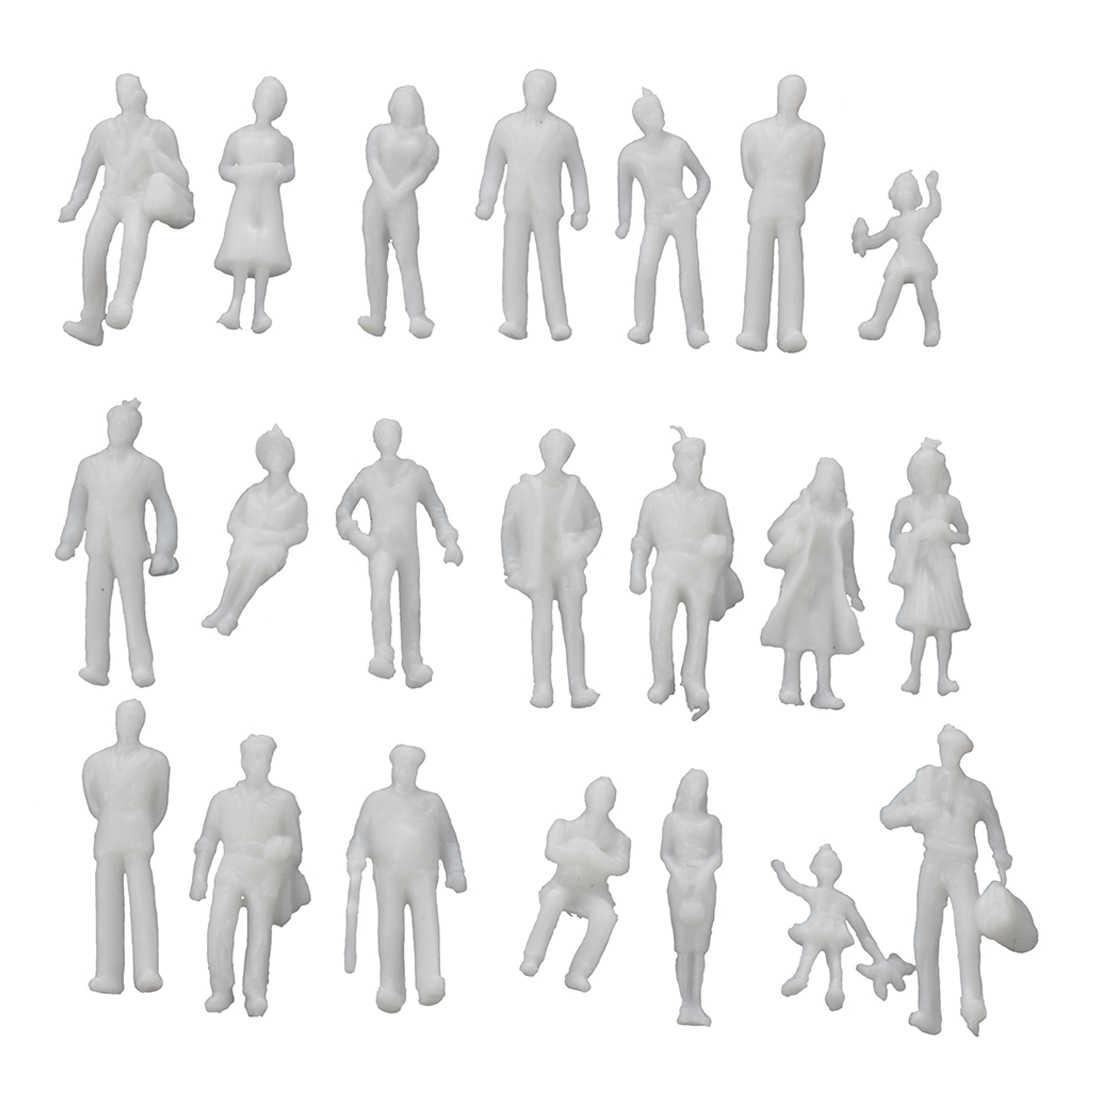 100 sztuk Model pociągu ludzie figurki skala HO TT (1 do 100), różne styl, świetne przedmioty kolekcjonerskie-jasny szary